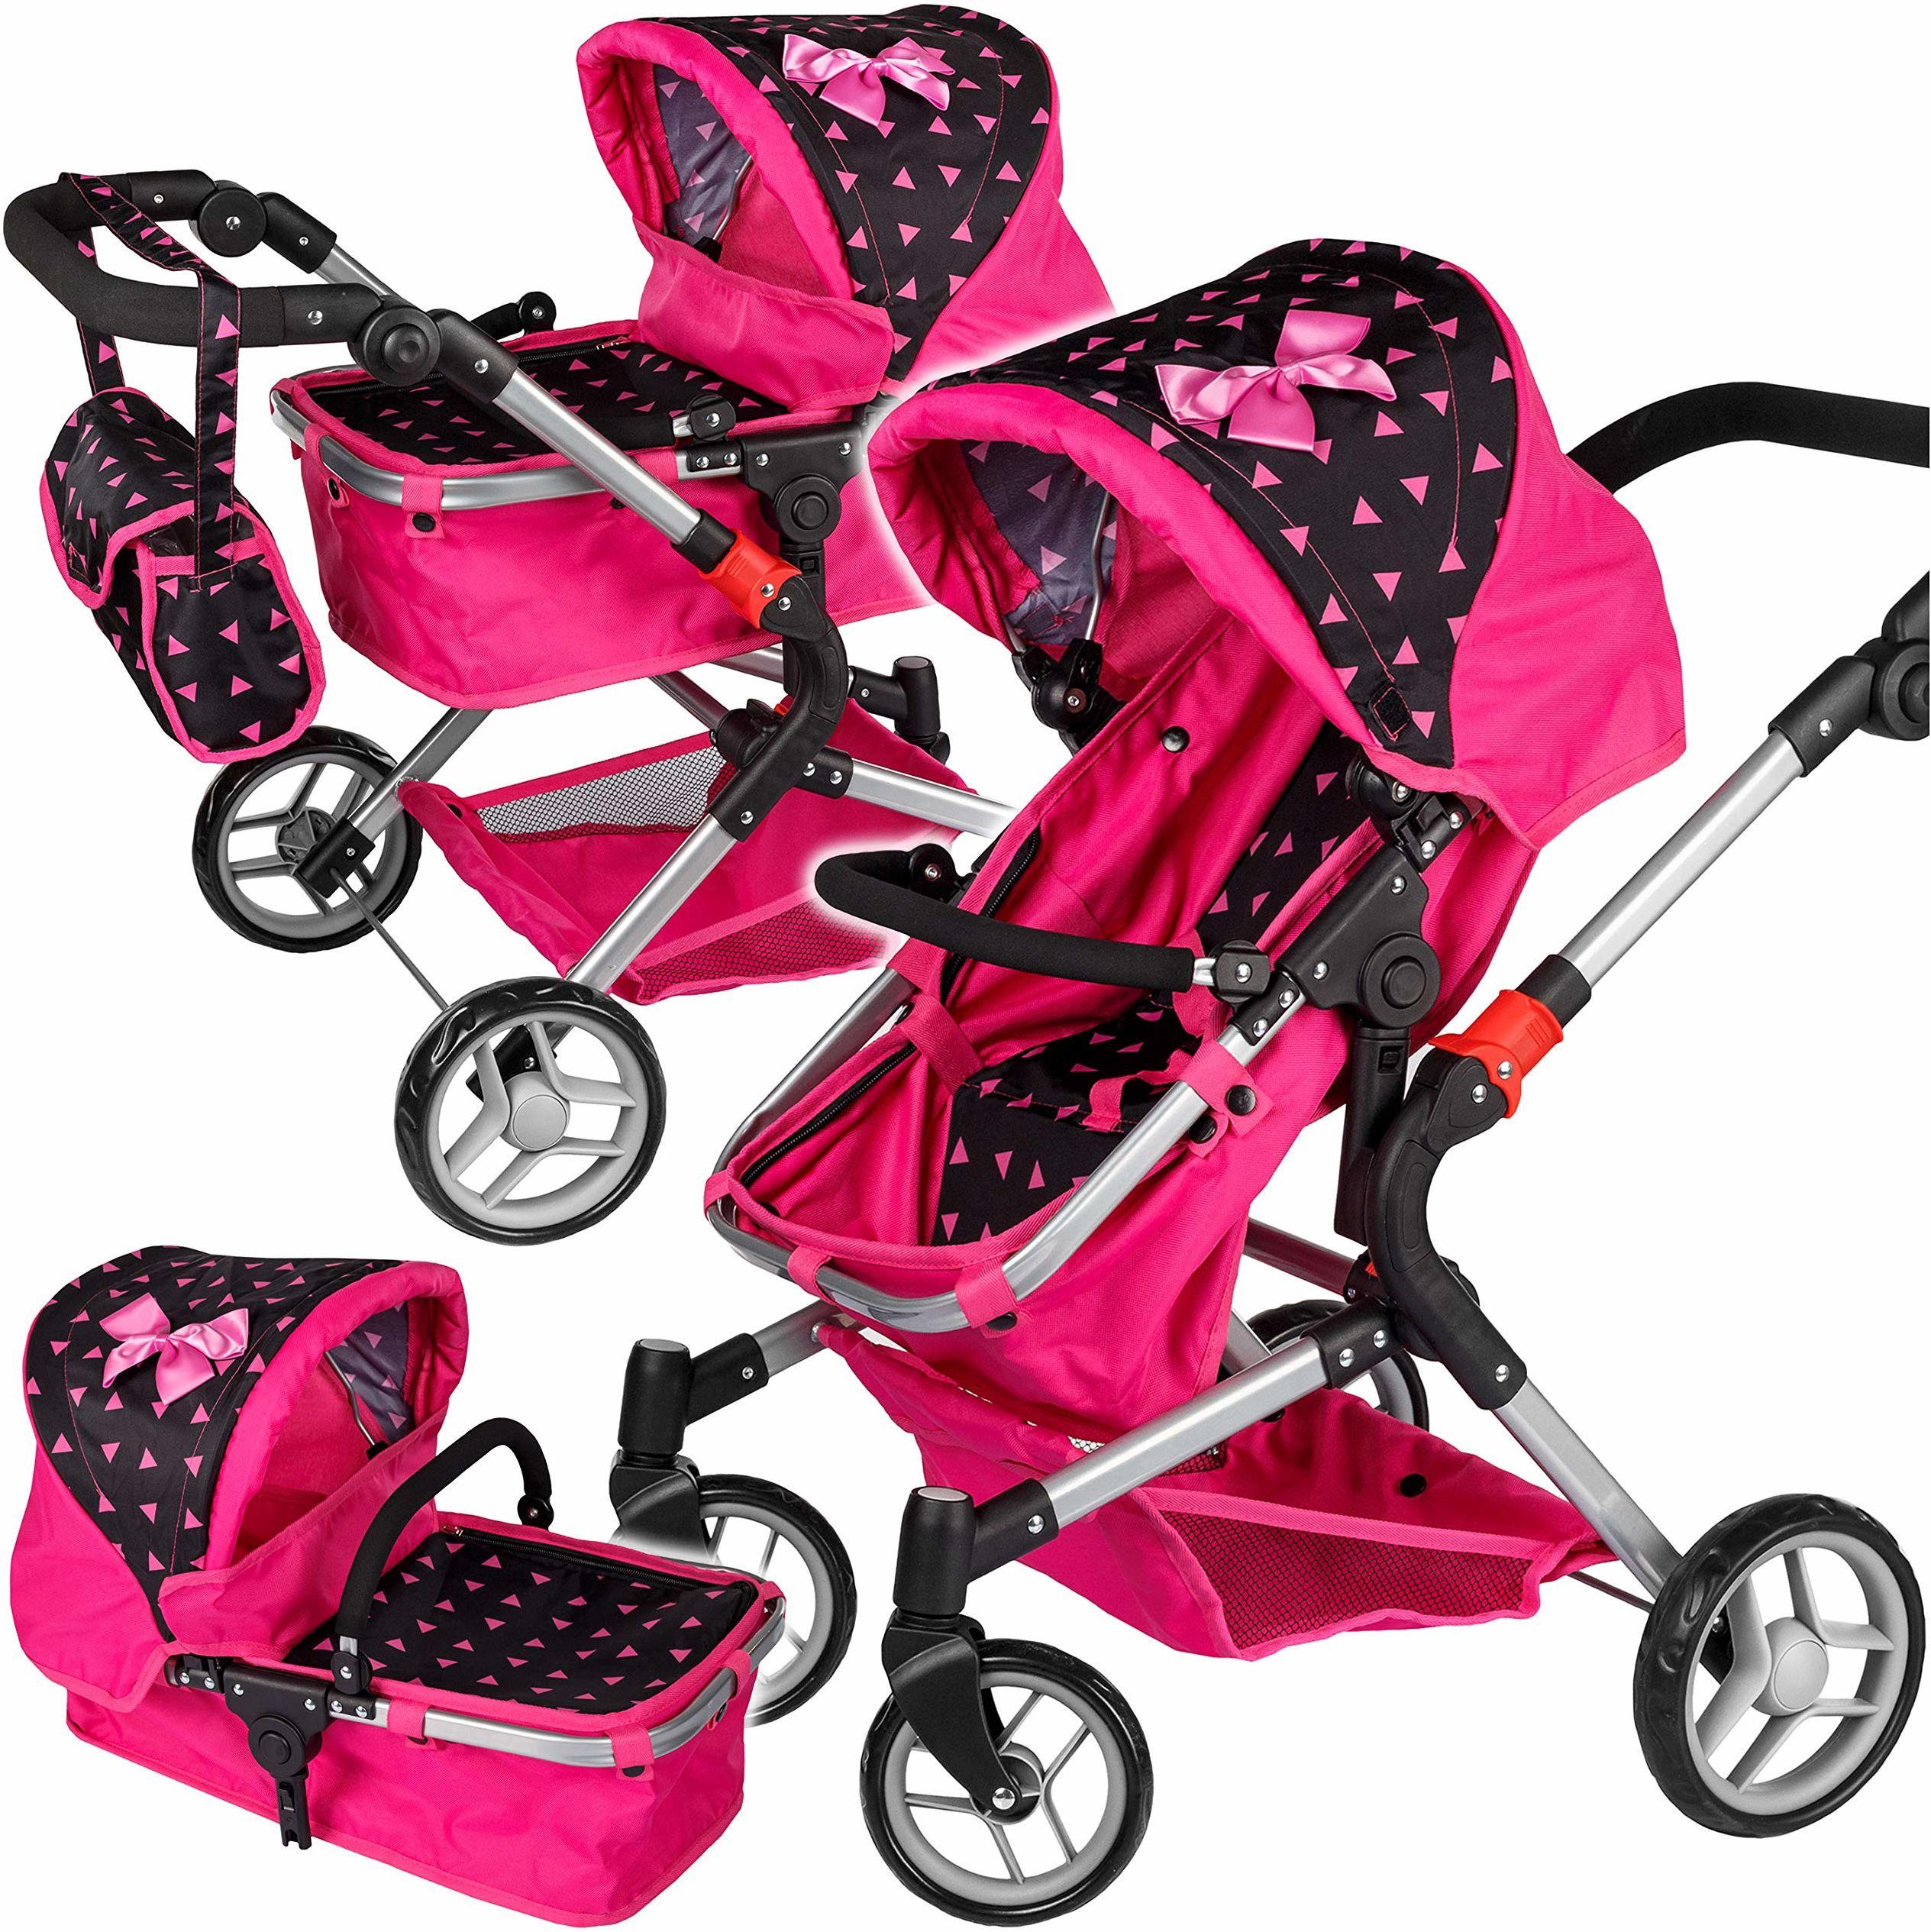 Kinderplay Wózek Dla Lalek - wózek dla lalki, spacerówka, gondola, model KP0250R